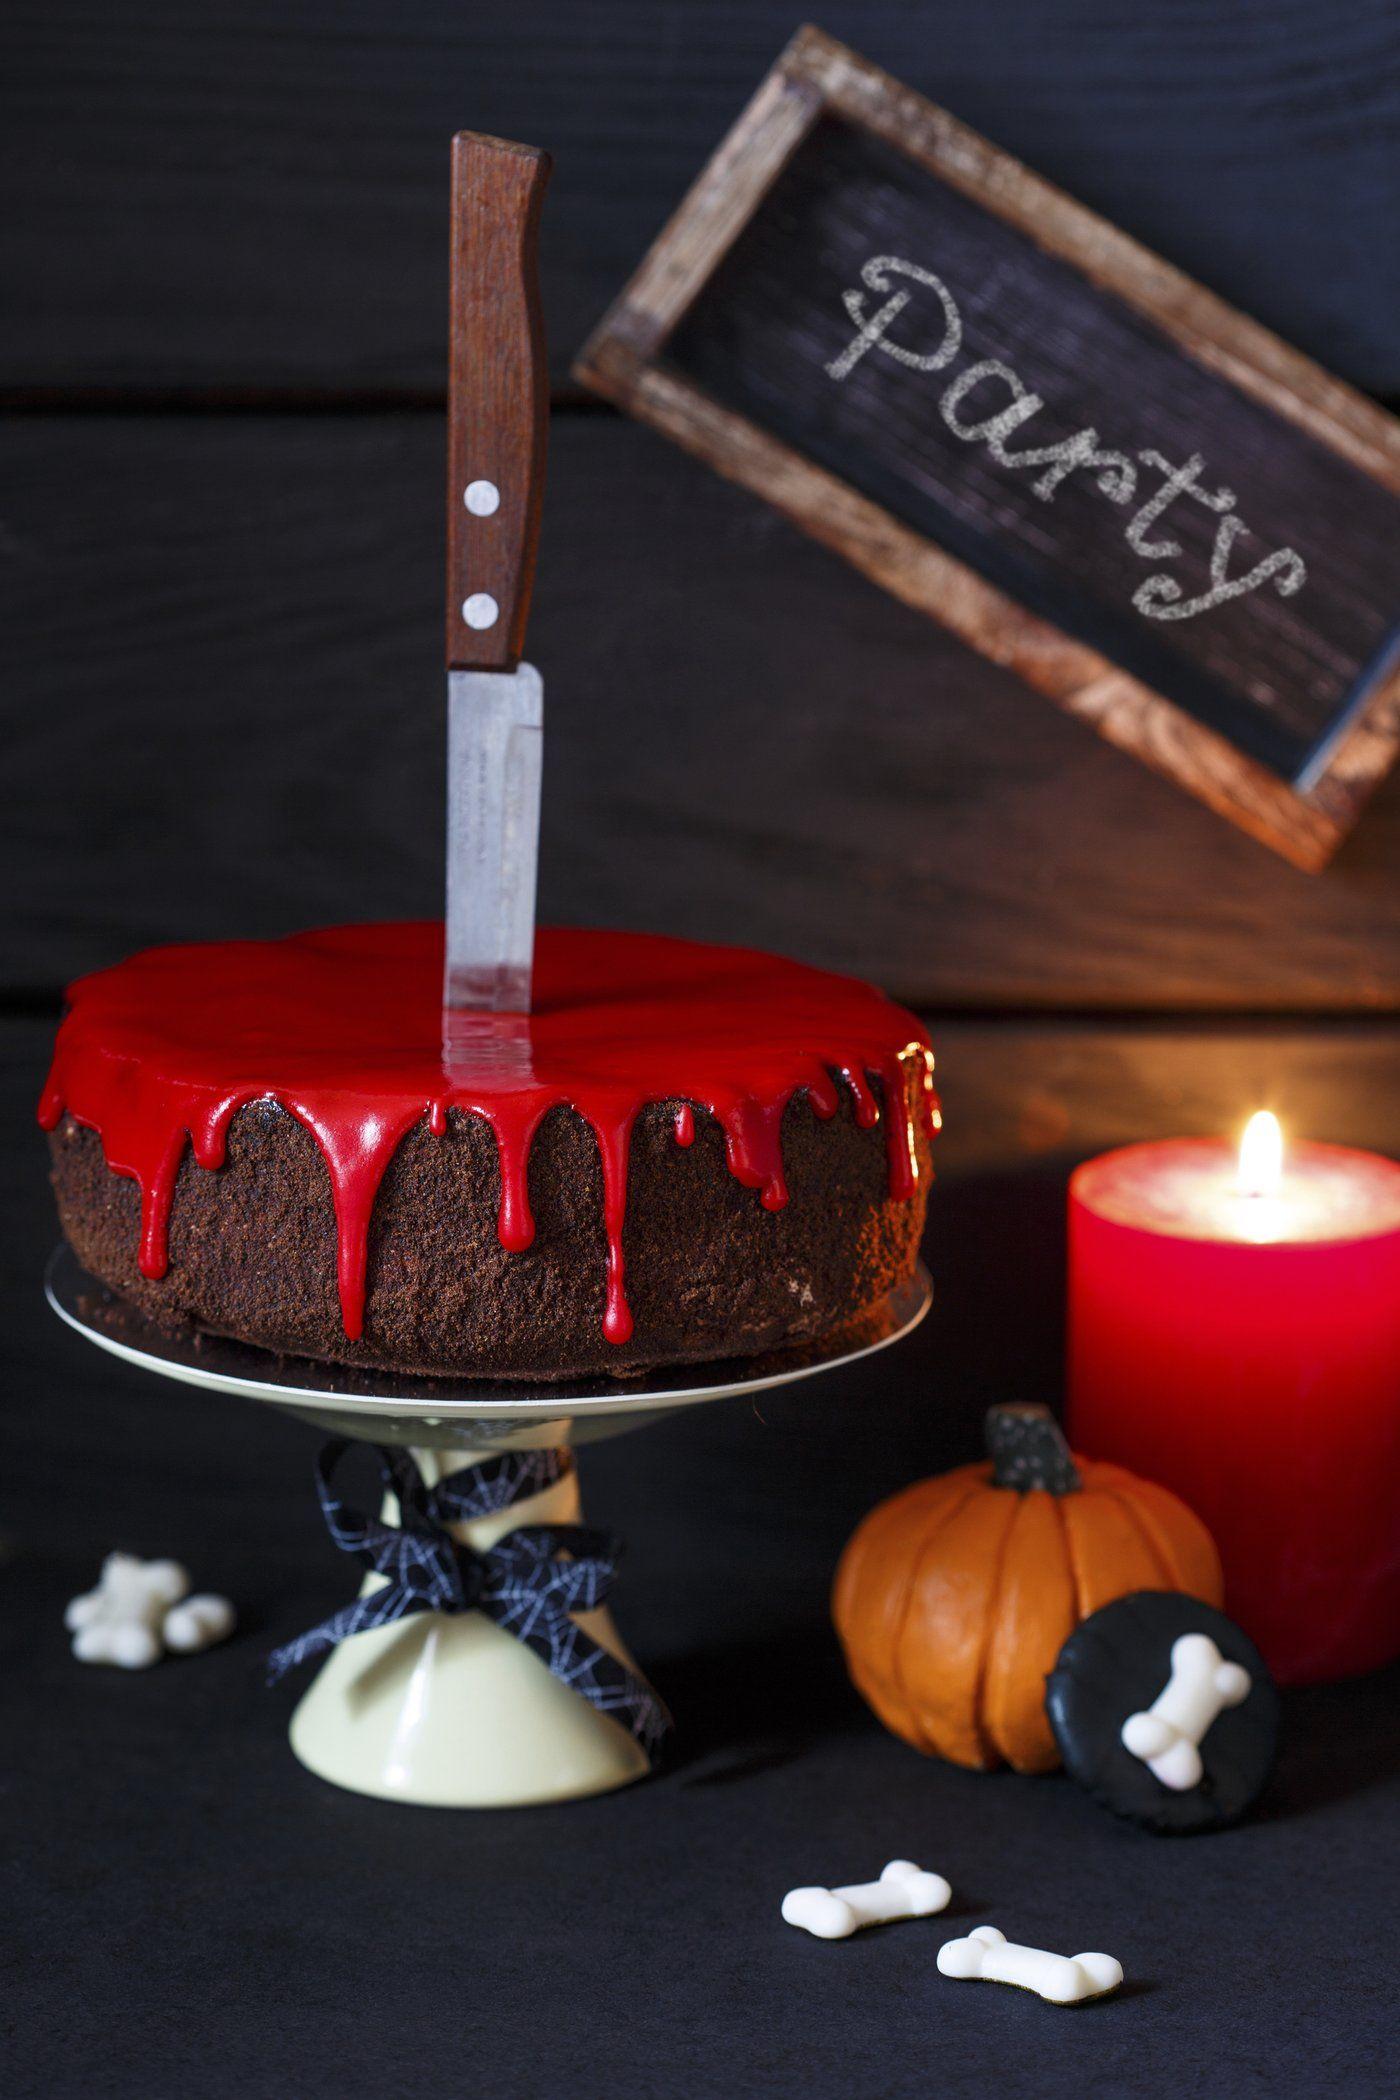 Supereinfach Der blutige HalloweenKuchen mit roter